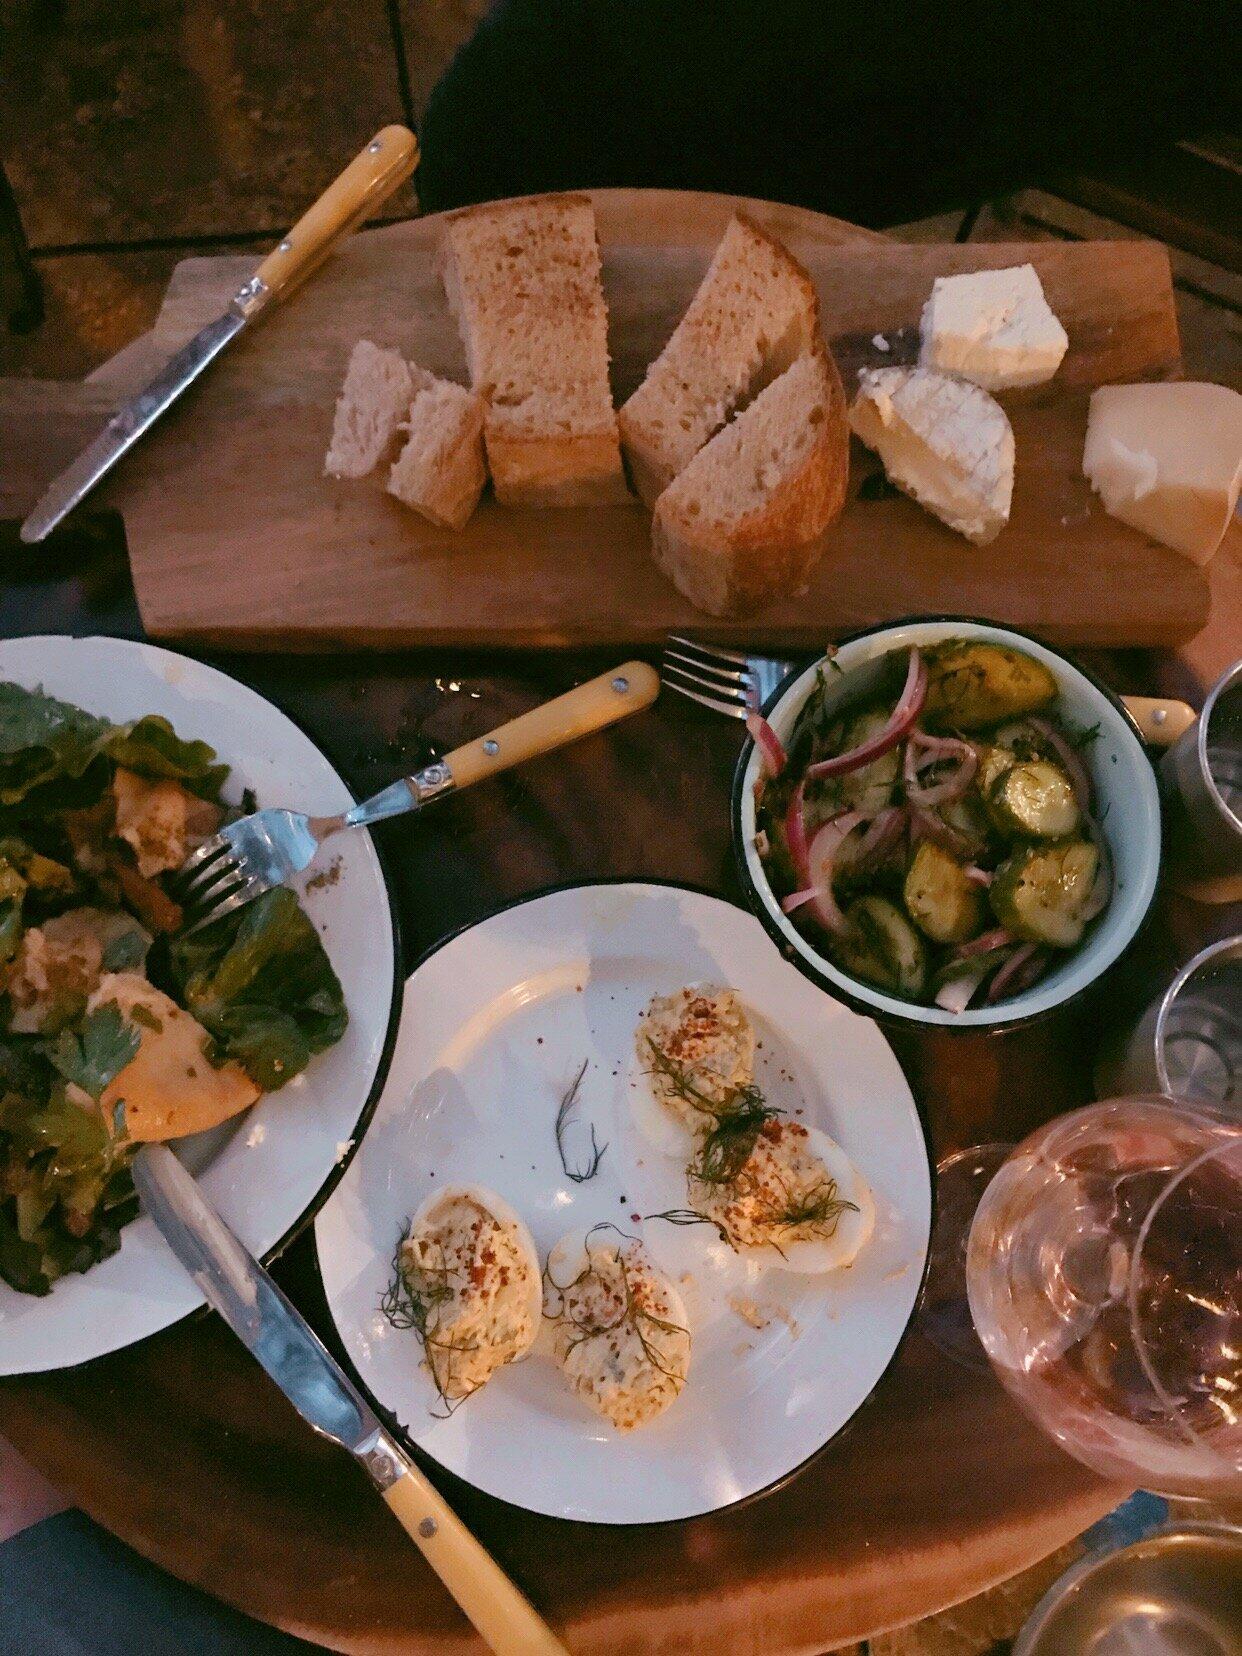 Upscale_Picnic_Food.JPG